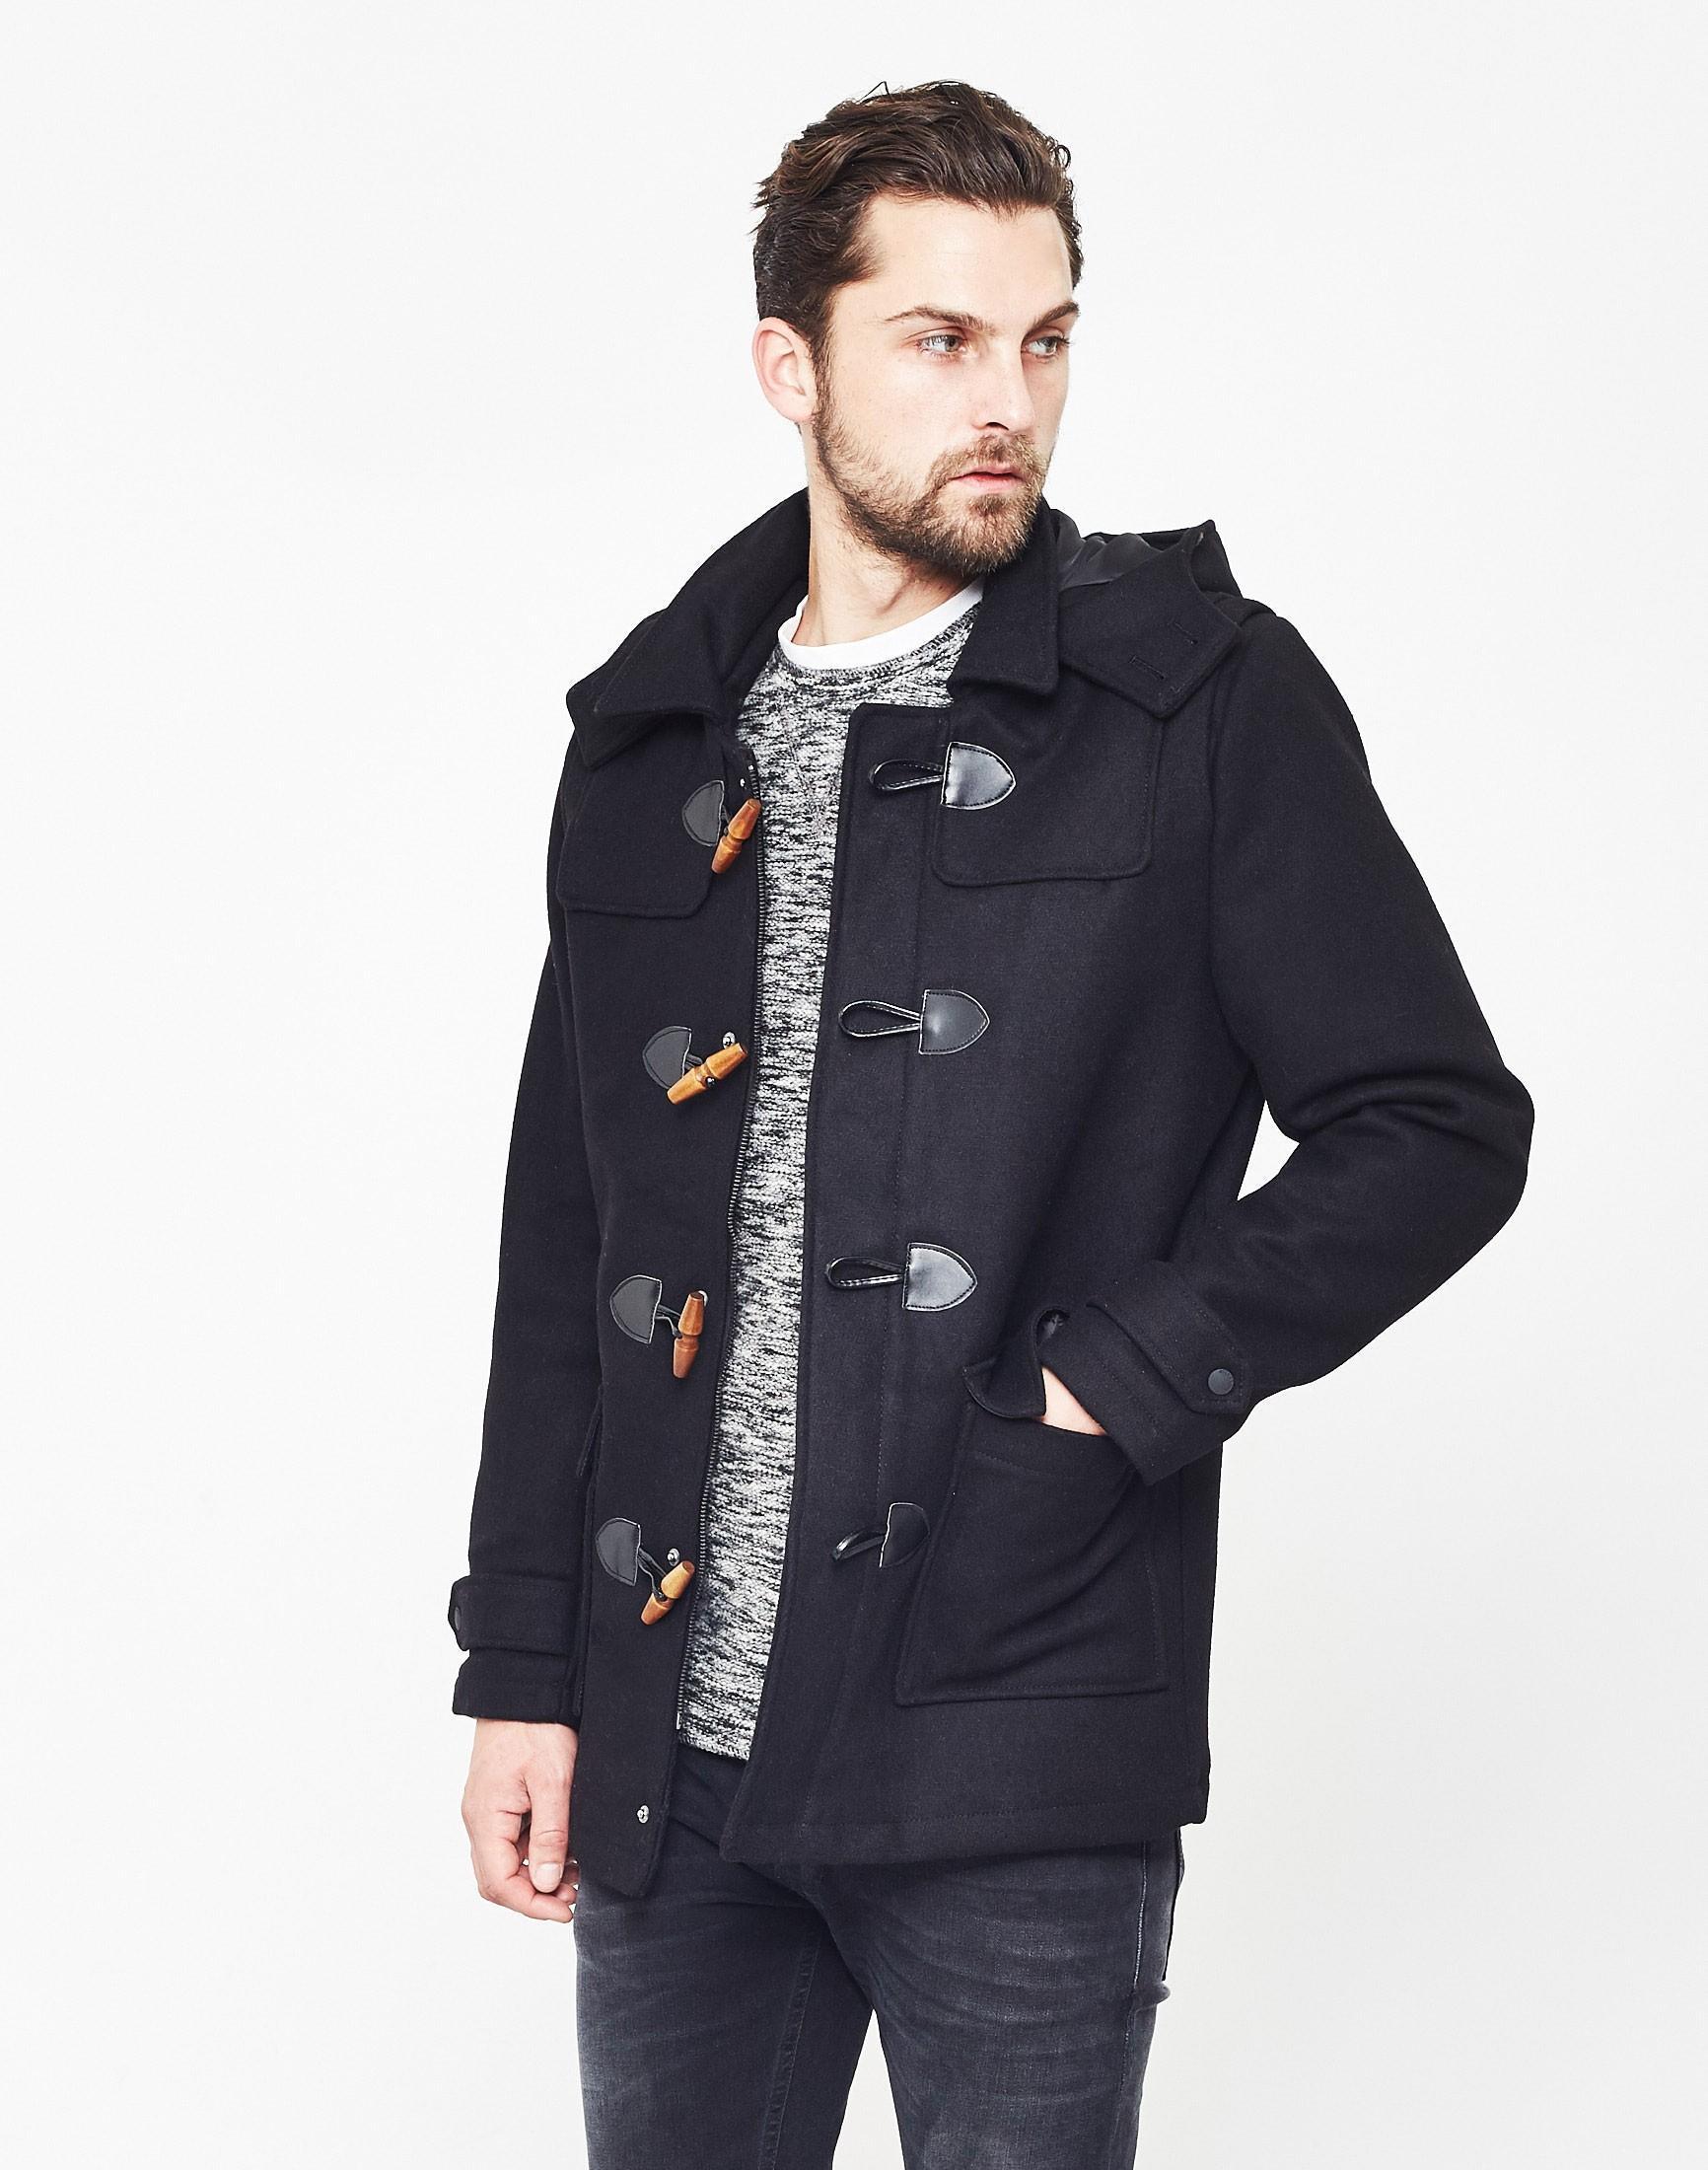 Plus Size Leather Coats For Women 2017 | Down Coat - Part 301